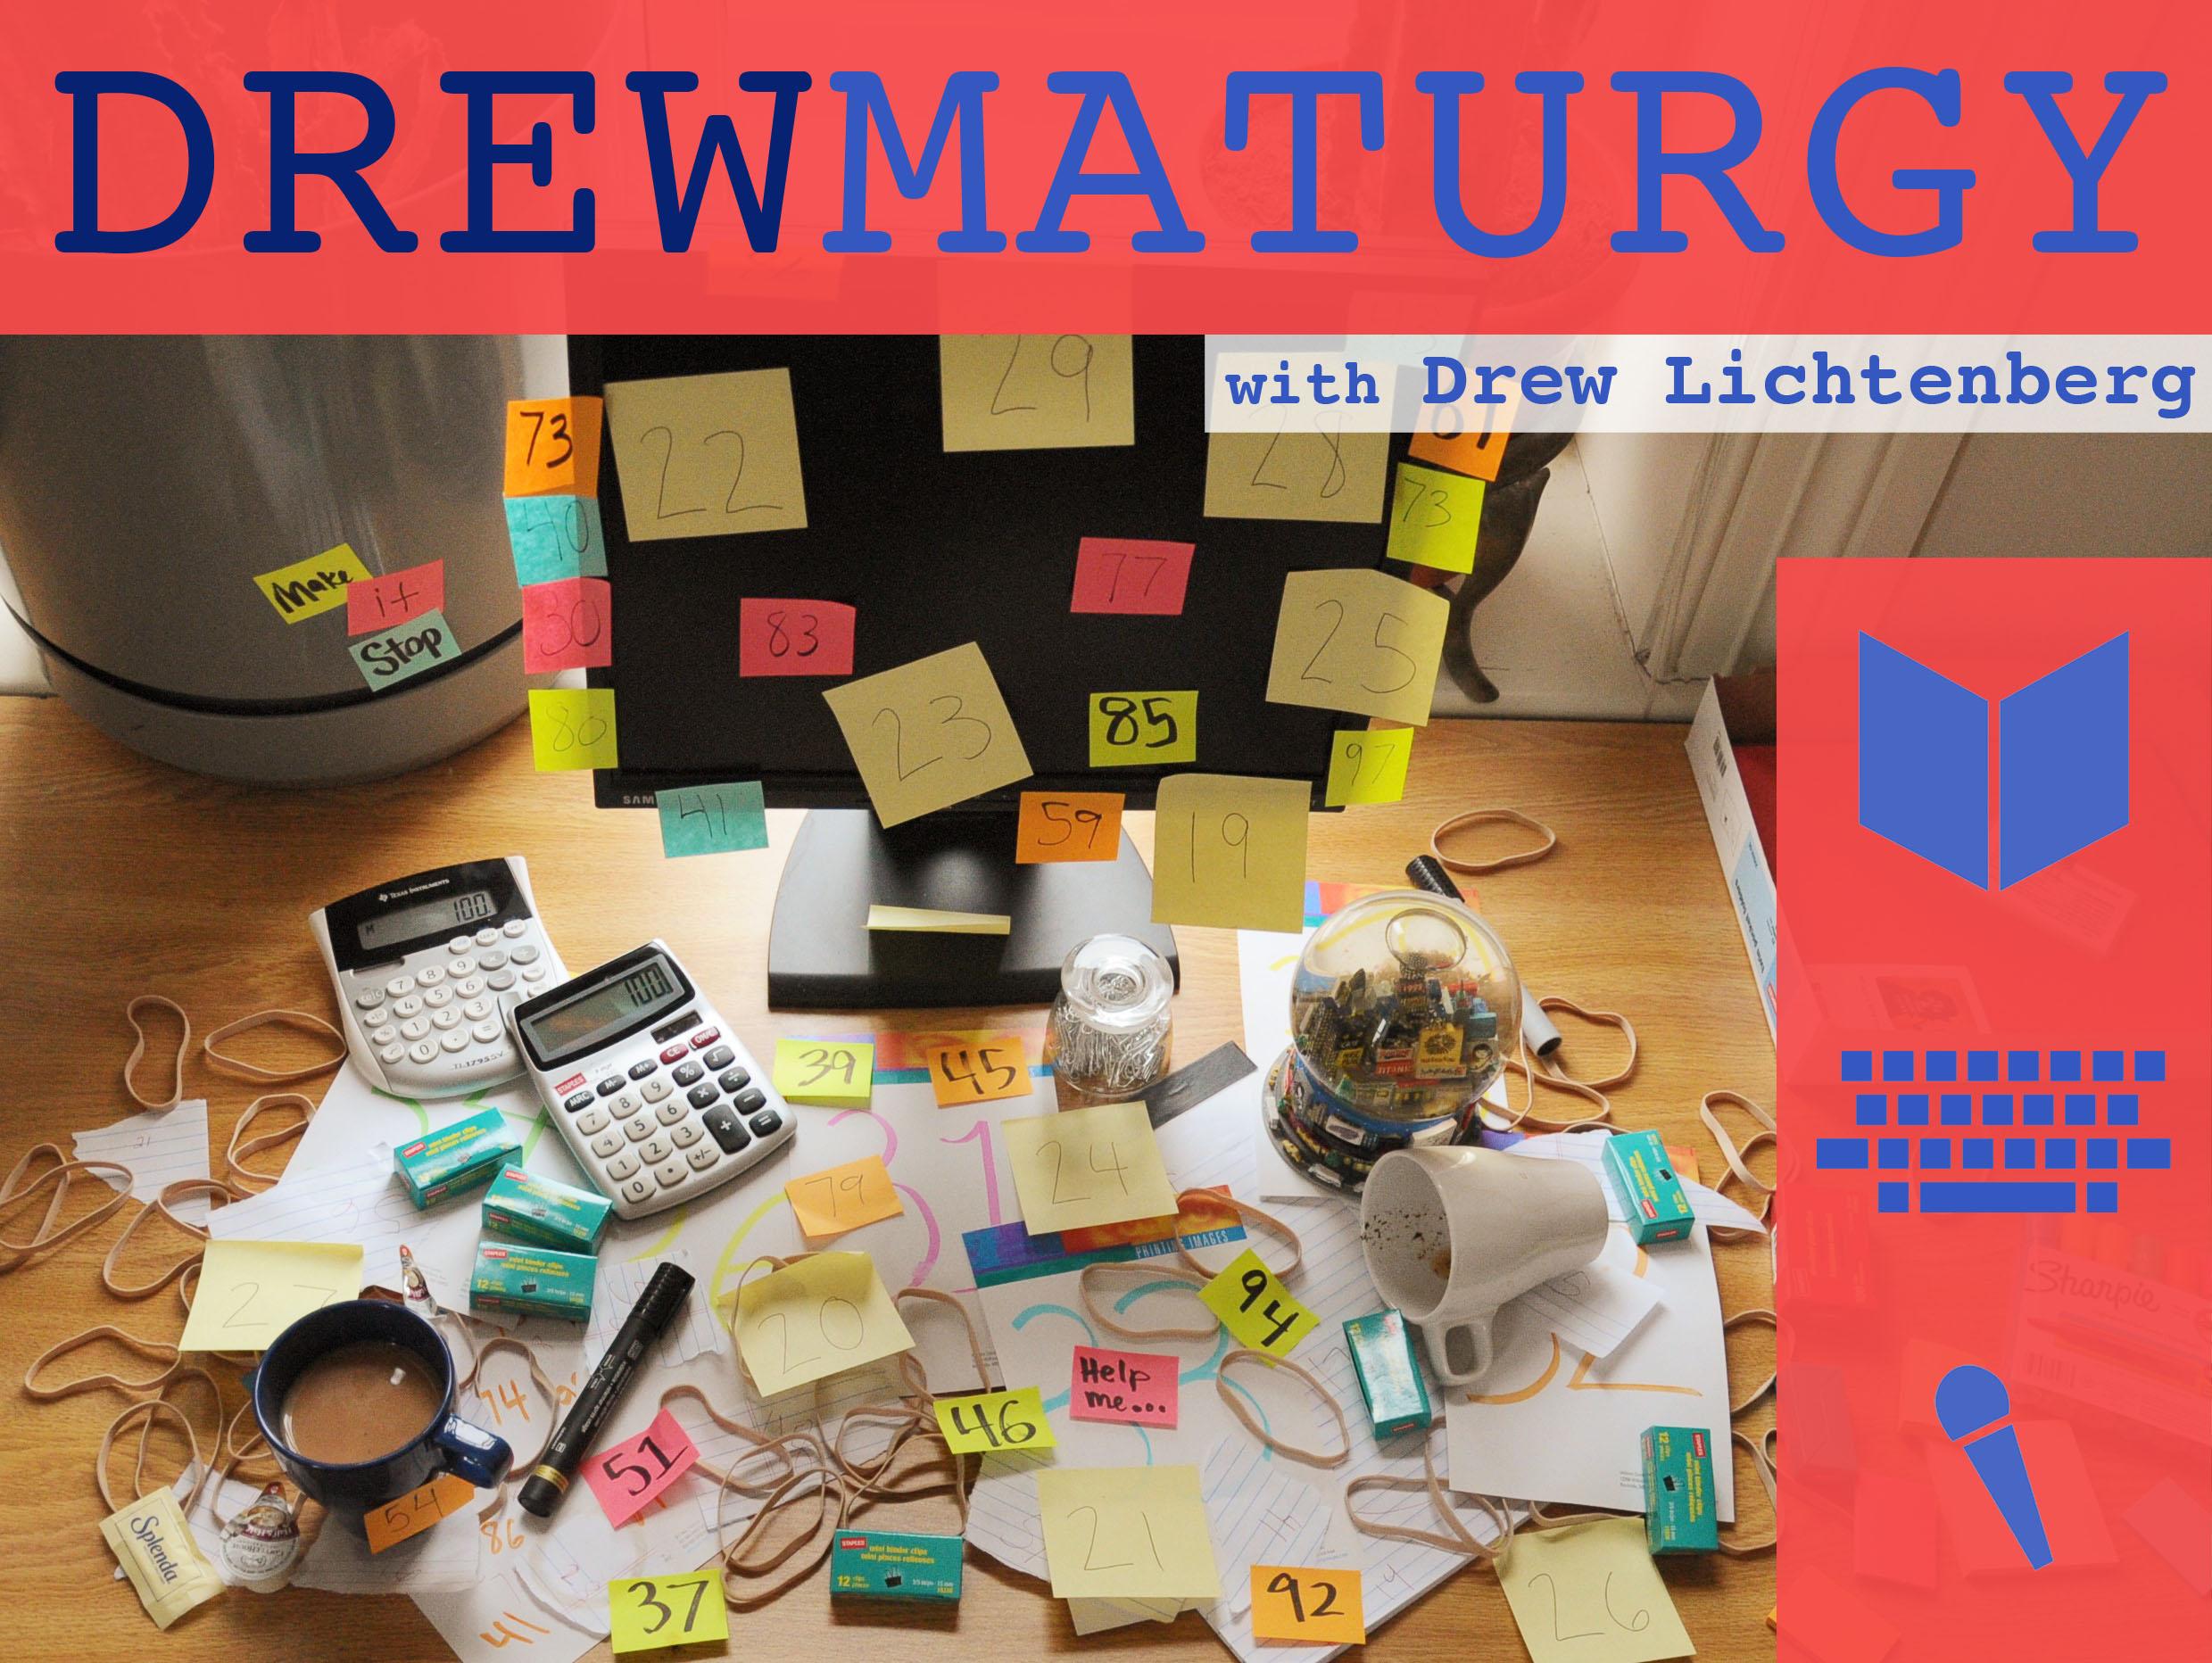 Drewmaturgy with Drew Lichtenberg